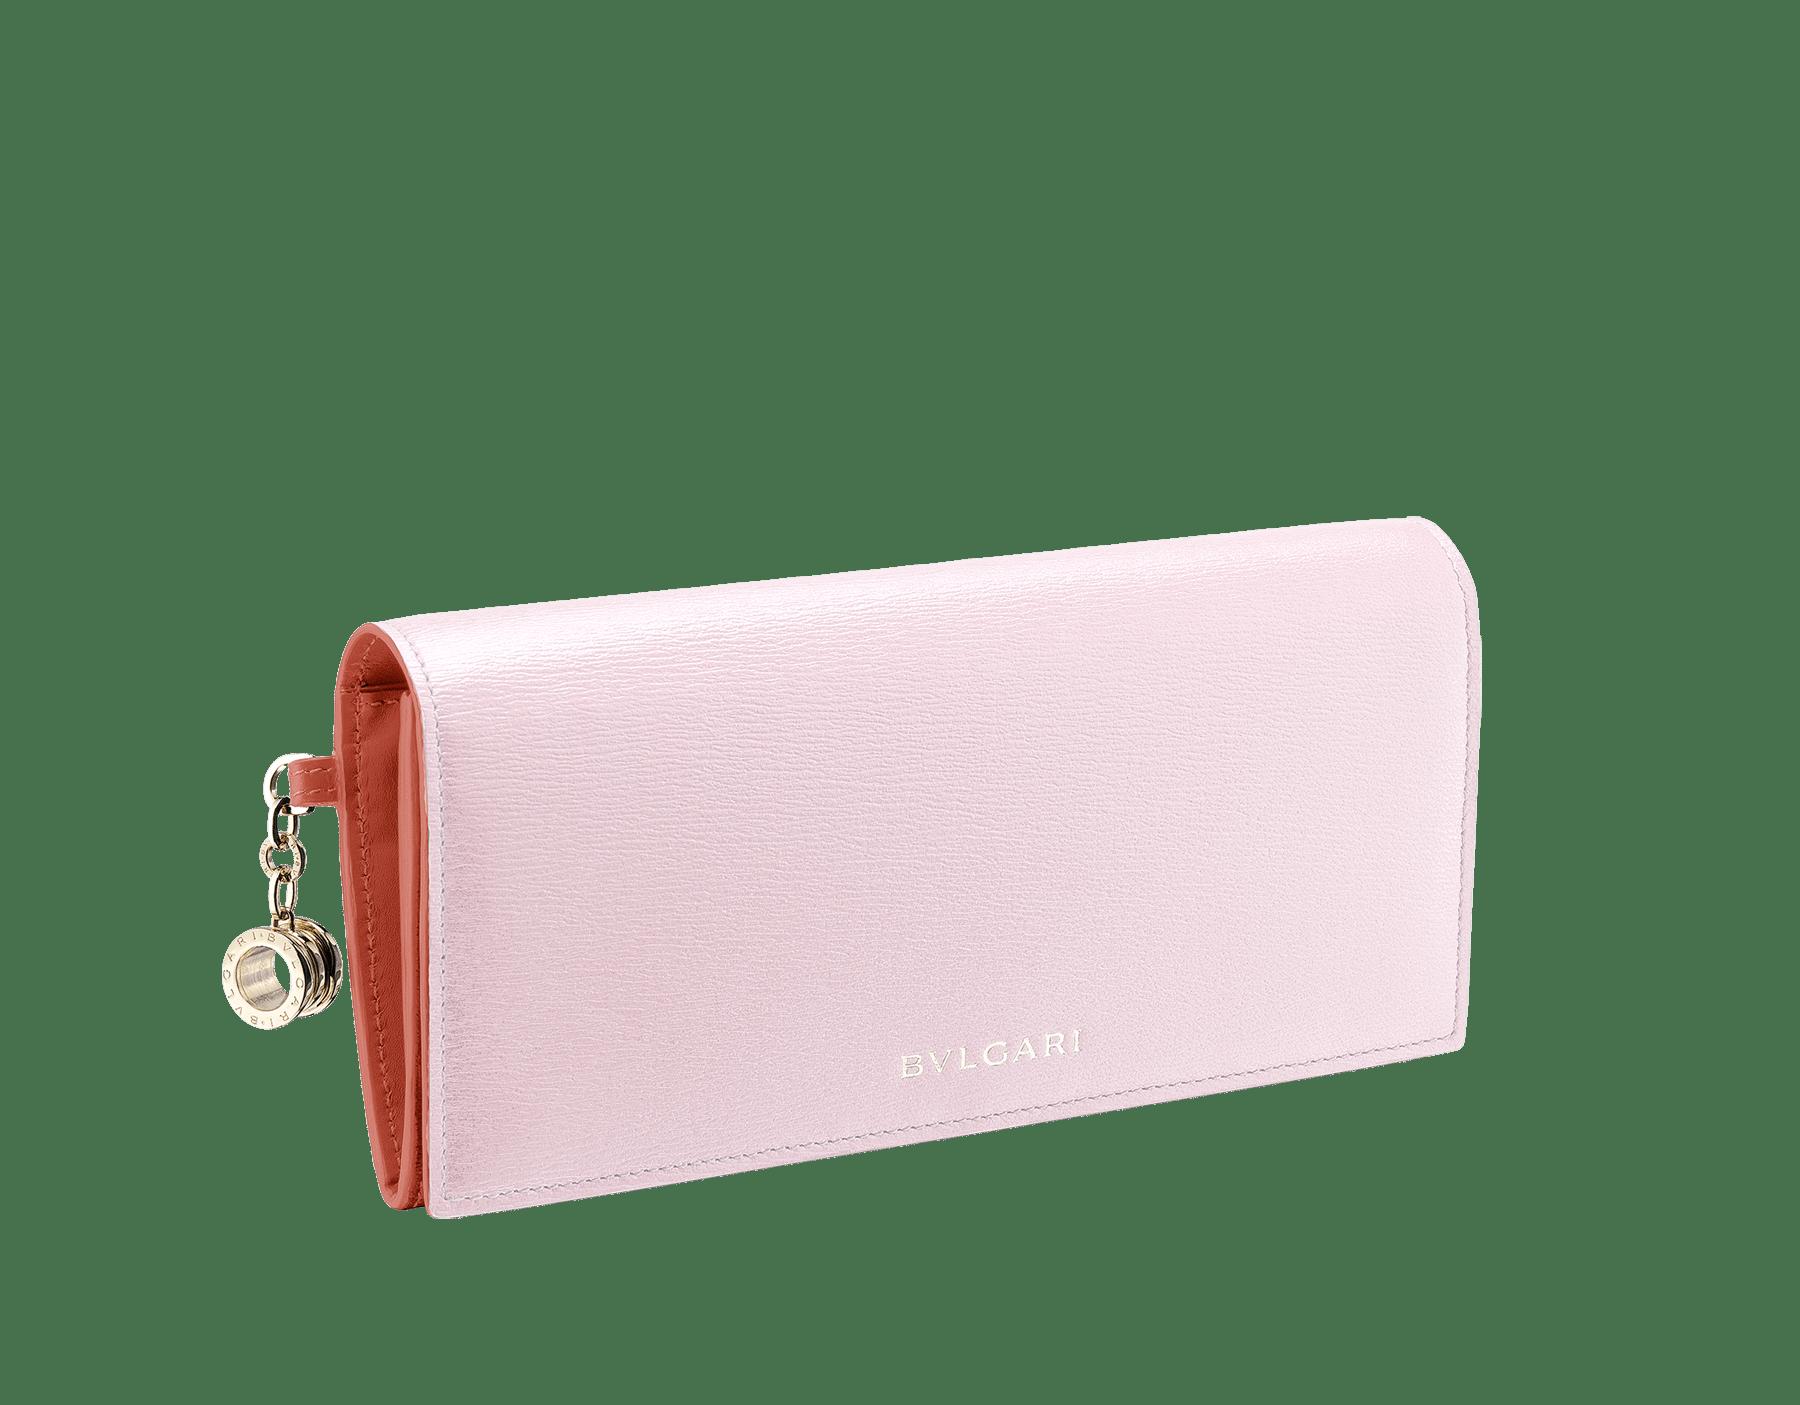 Pochette-portefeuilleB.zero1 en cuir de chèvre couleur Rosa di Francia et Imperial Topaz. Emblématique bijou B.zero1 en laiton doré et fermoir. 289068 image 1